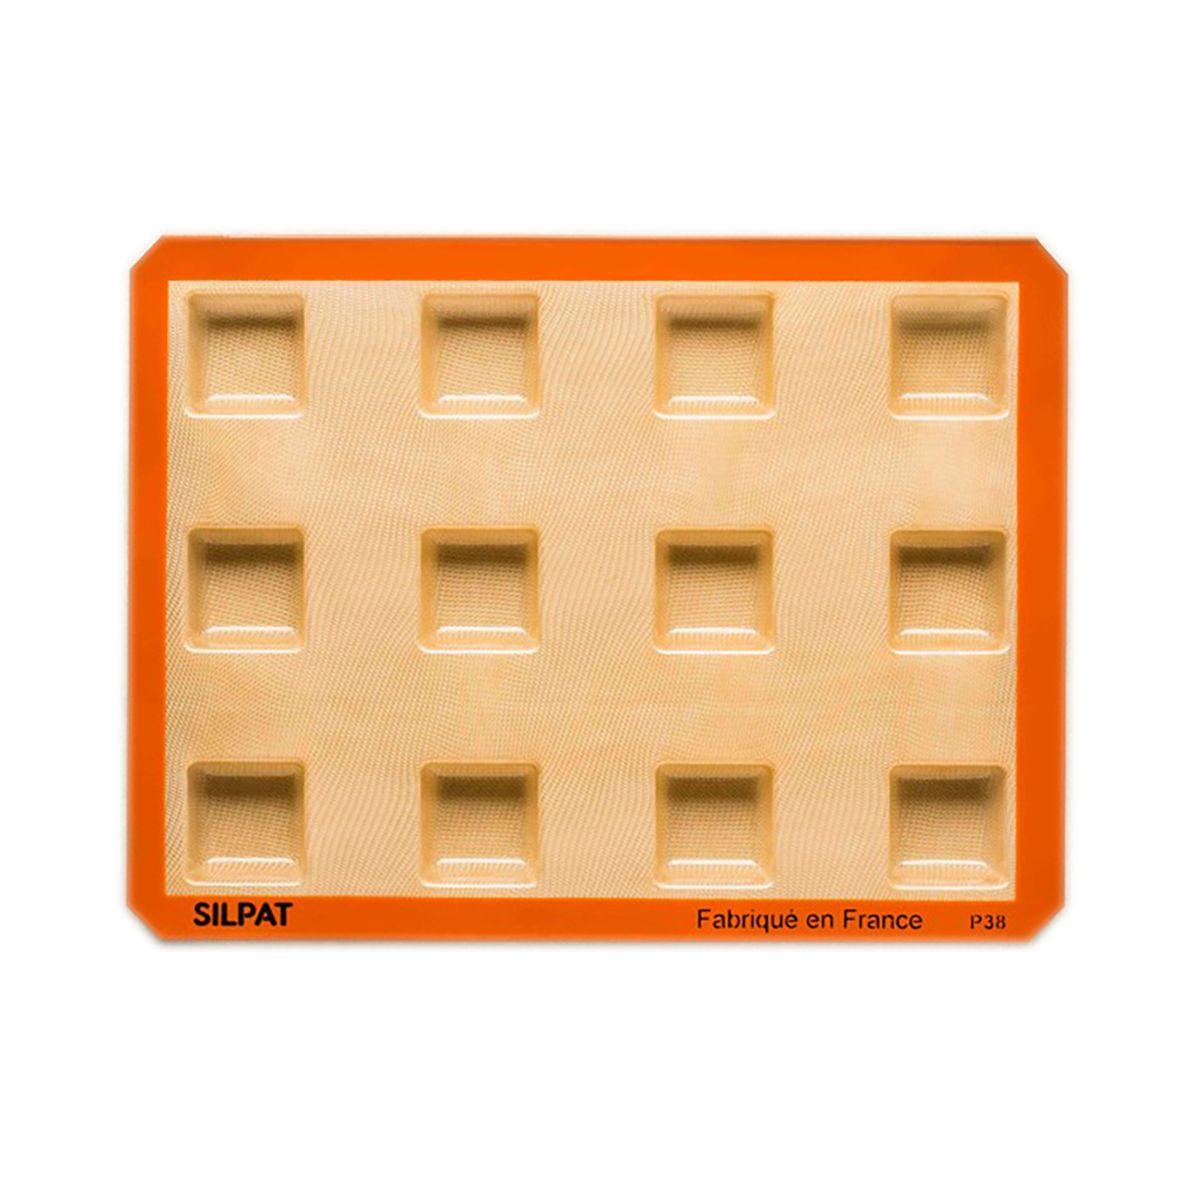 Moule 12 carrés en silicone et fibre de verre 40 x 30 cm - Silpat